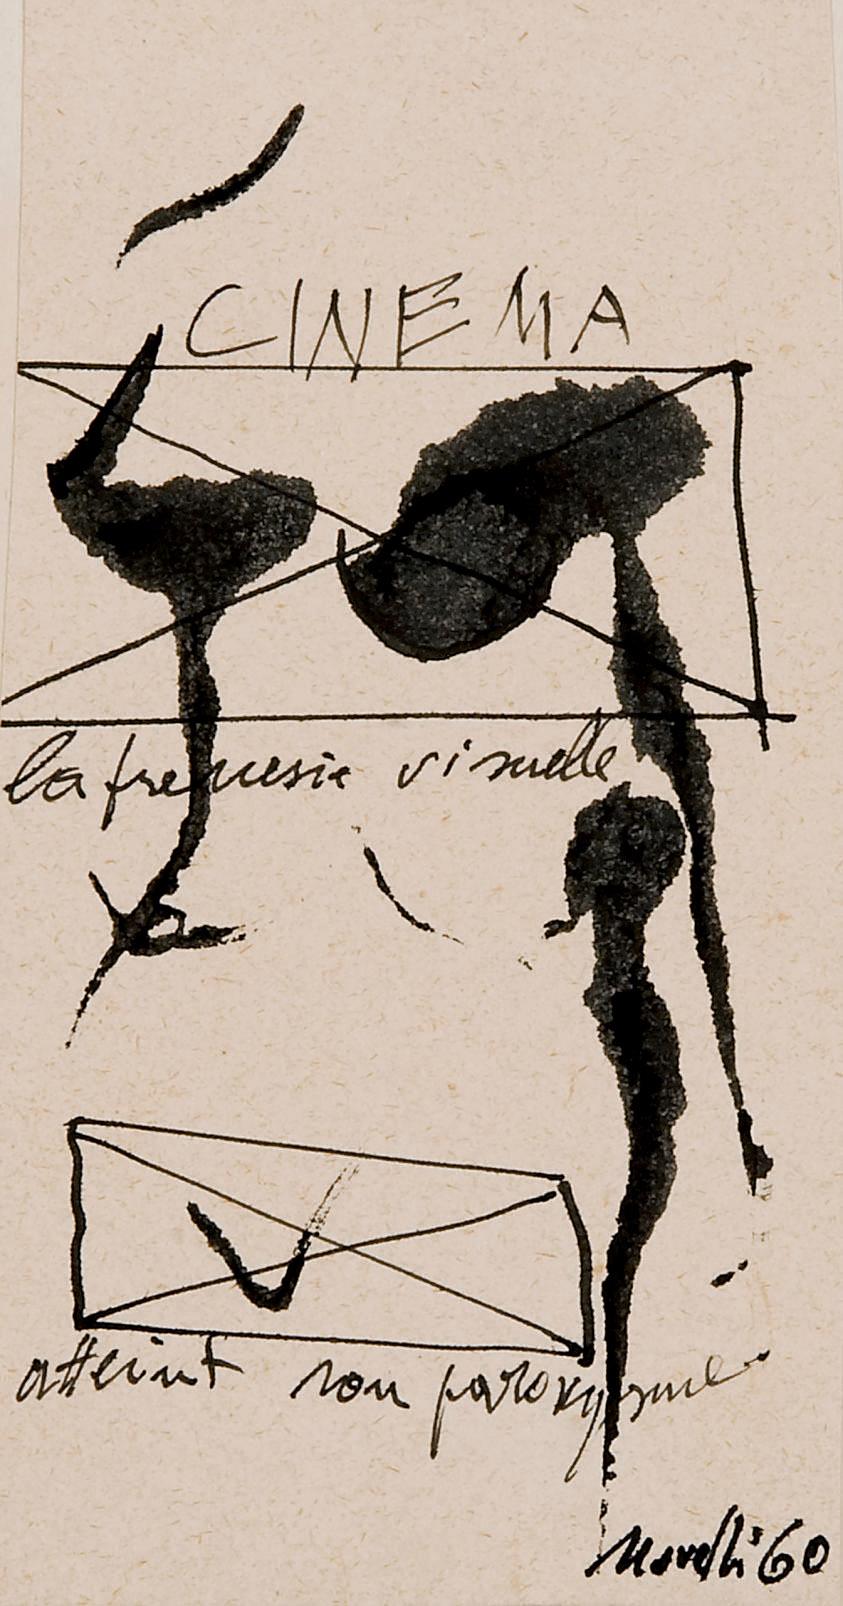 Lotto di 3 opere: a) Gastone Novelli (1925-1968) Betty Boop firmato e datato Novelli 60 (in basso a destra) inchiostro su carta cm 11x8,5 Eseguito nel 1960 L'autenticità dell'opera è stata confermata verbalmente dall'Archivio Novelli b) Gastone Novelli (1925-1968) Cinema firmato e datato Novelli 60 (in basso a destra) inchiostro su carta cm 13,5x7 Eseguito nel 1960 L'autenticità dell'opera è stata confermata verbalmente dall'Archivio Novelli c) Achille Perilli (N. 1927) Senza titolo firmato Perilli (in basso a destra) inchiostro su carta cm 10x9,5 L'autenticità dell'opera è stata confermata verbalmente dall'artista (3)